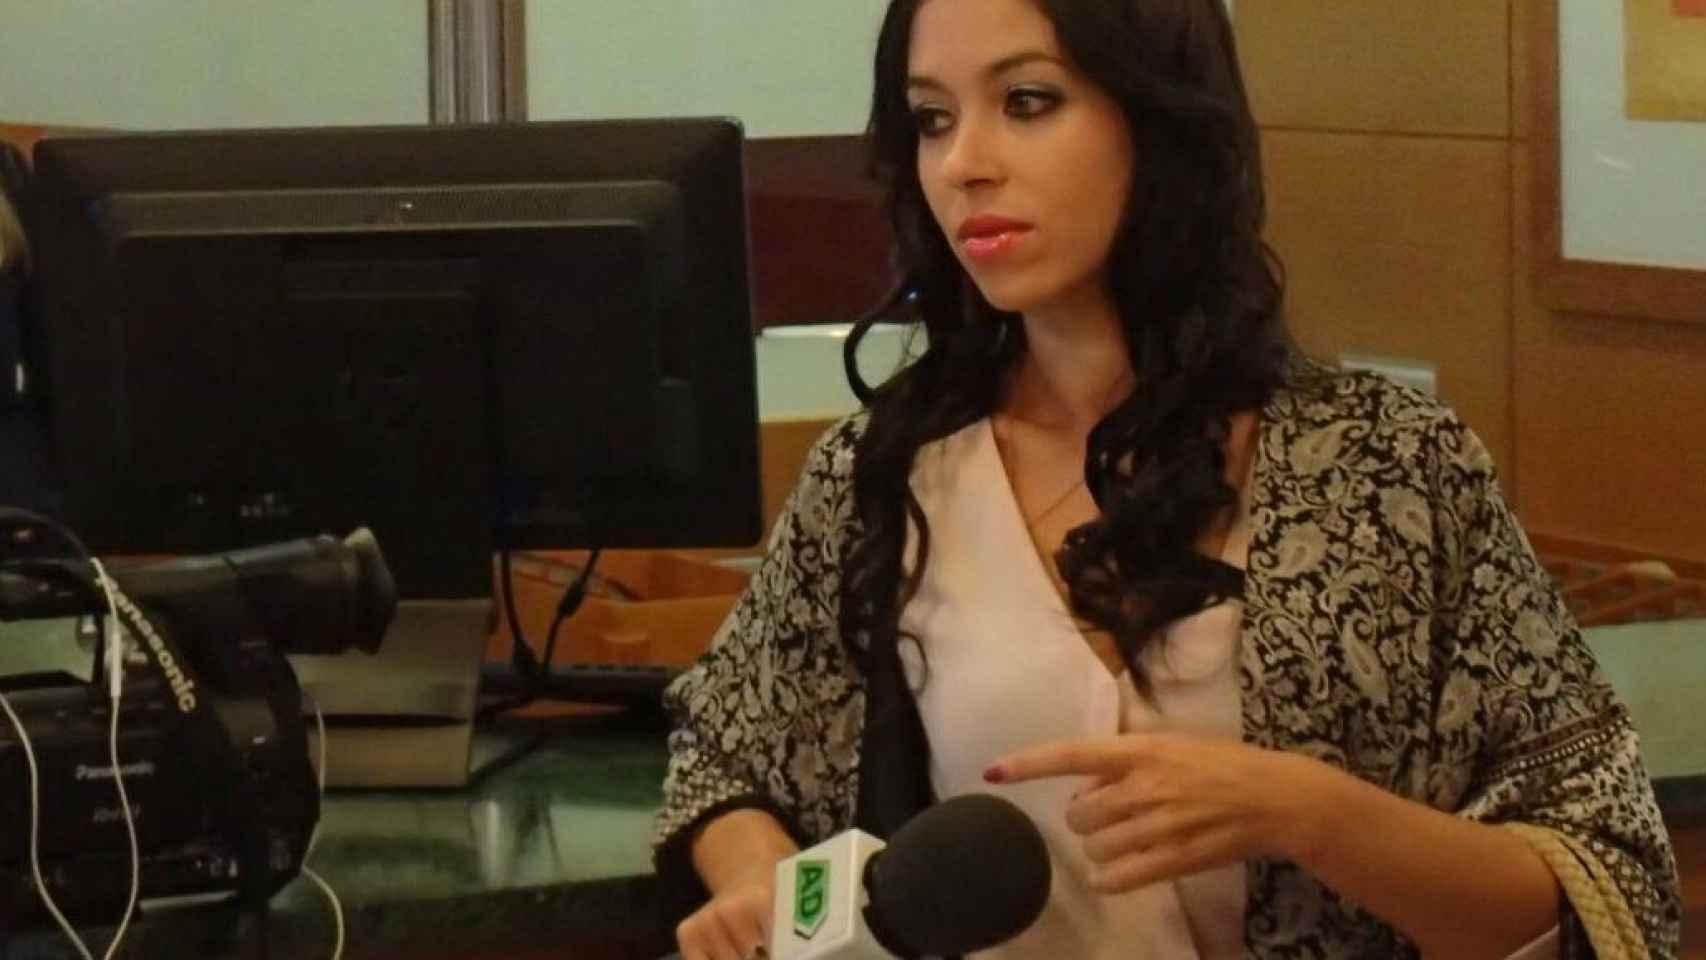 La periodista de Canal Sur despedida tras darse de baja por su embarazo